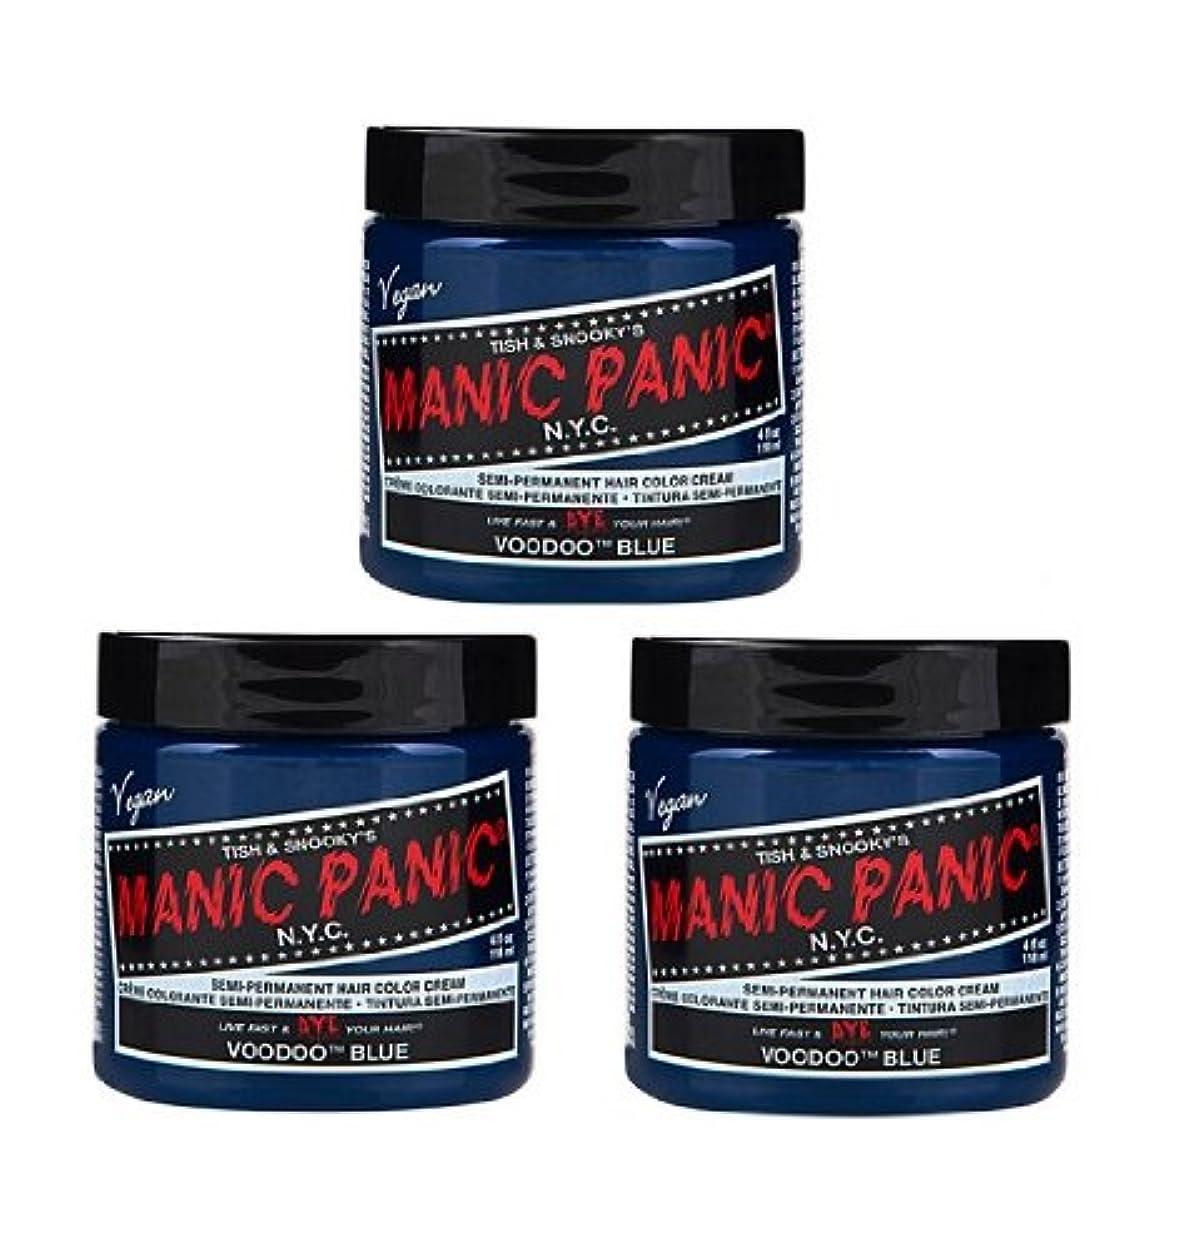 スピン可決ハイキングに行く【3個セット】MANIC PANIC マニックパニック Voodoo Blue ブードゥーブルー 118ml